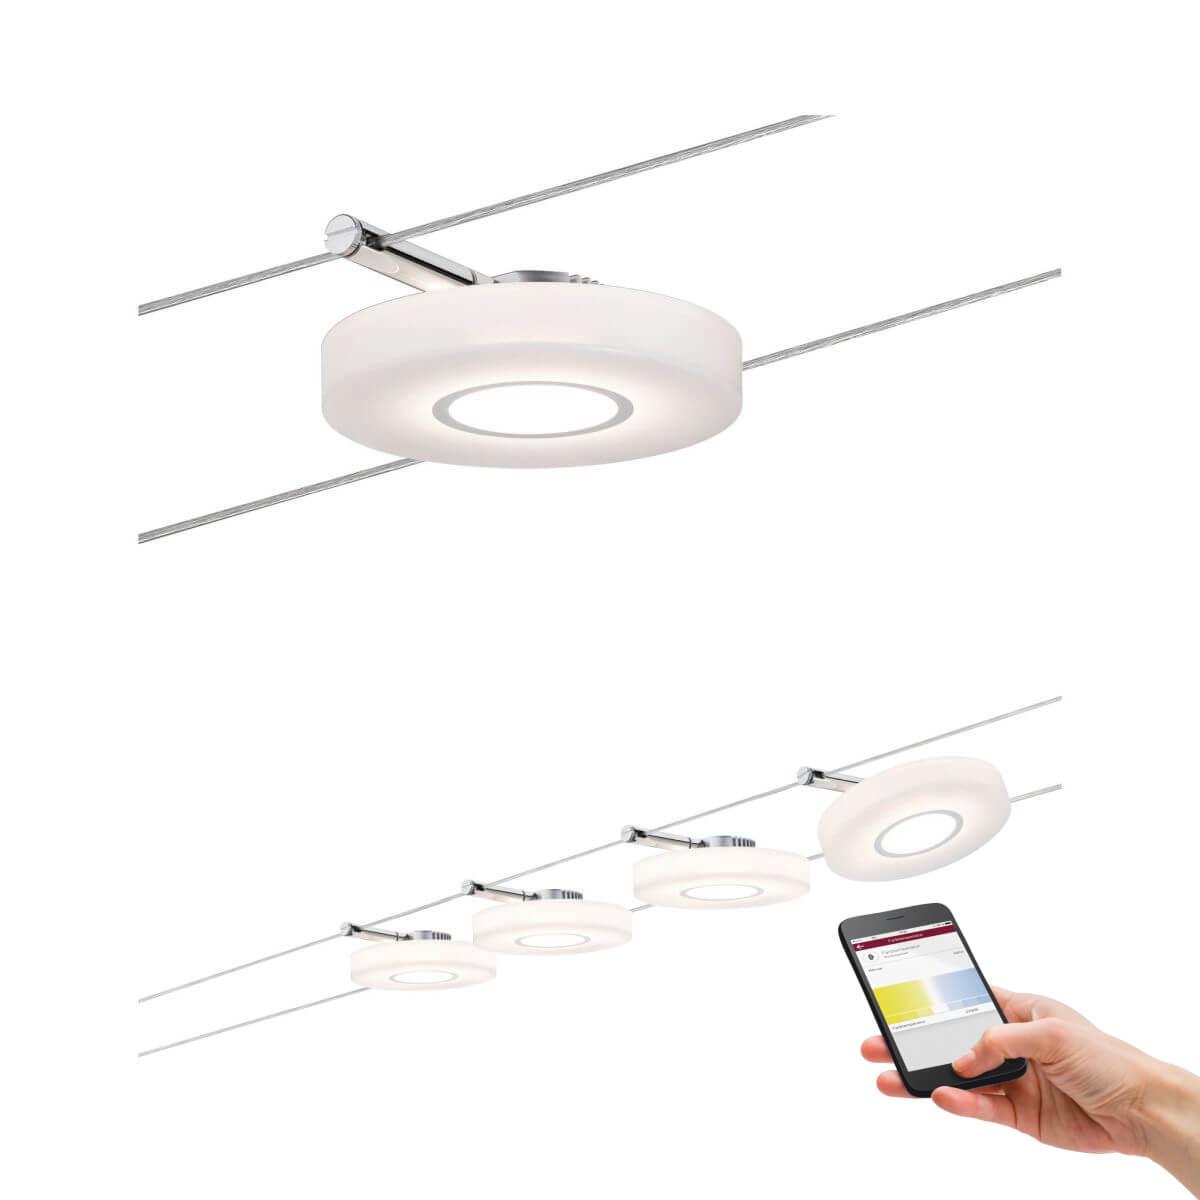 Paulmann Smart LED-Seilsystem DiscLED I, 4x4W DC, Satin, mit Weißlichtsteuerung, Bluetooth